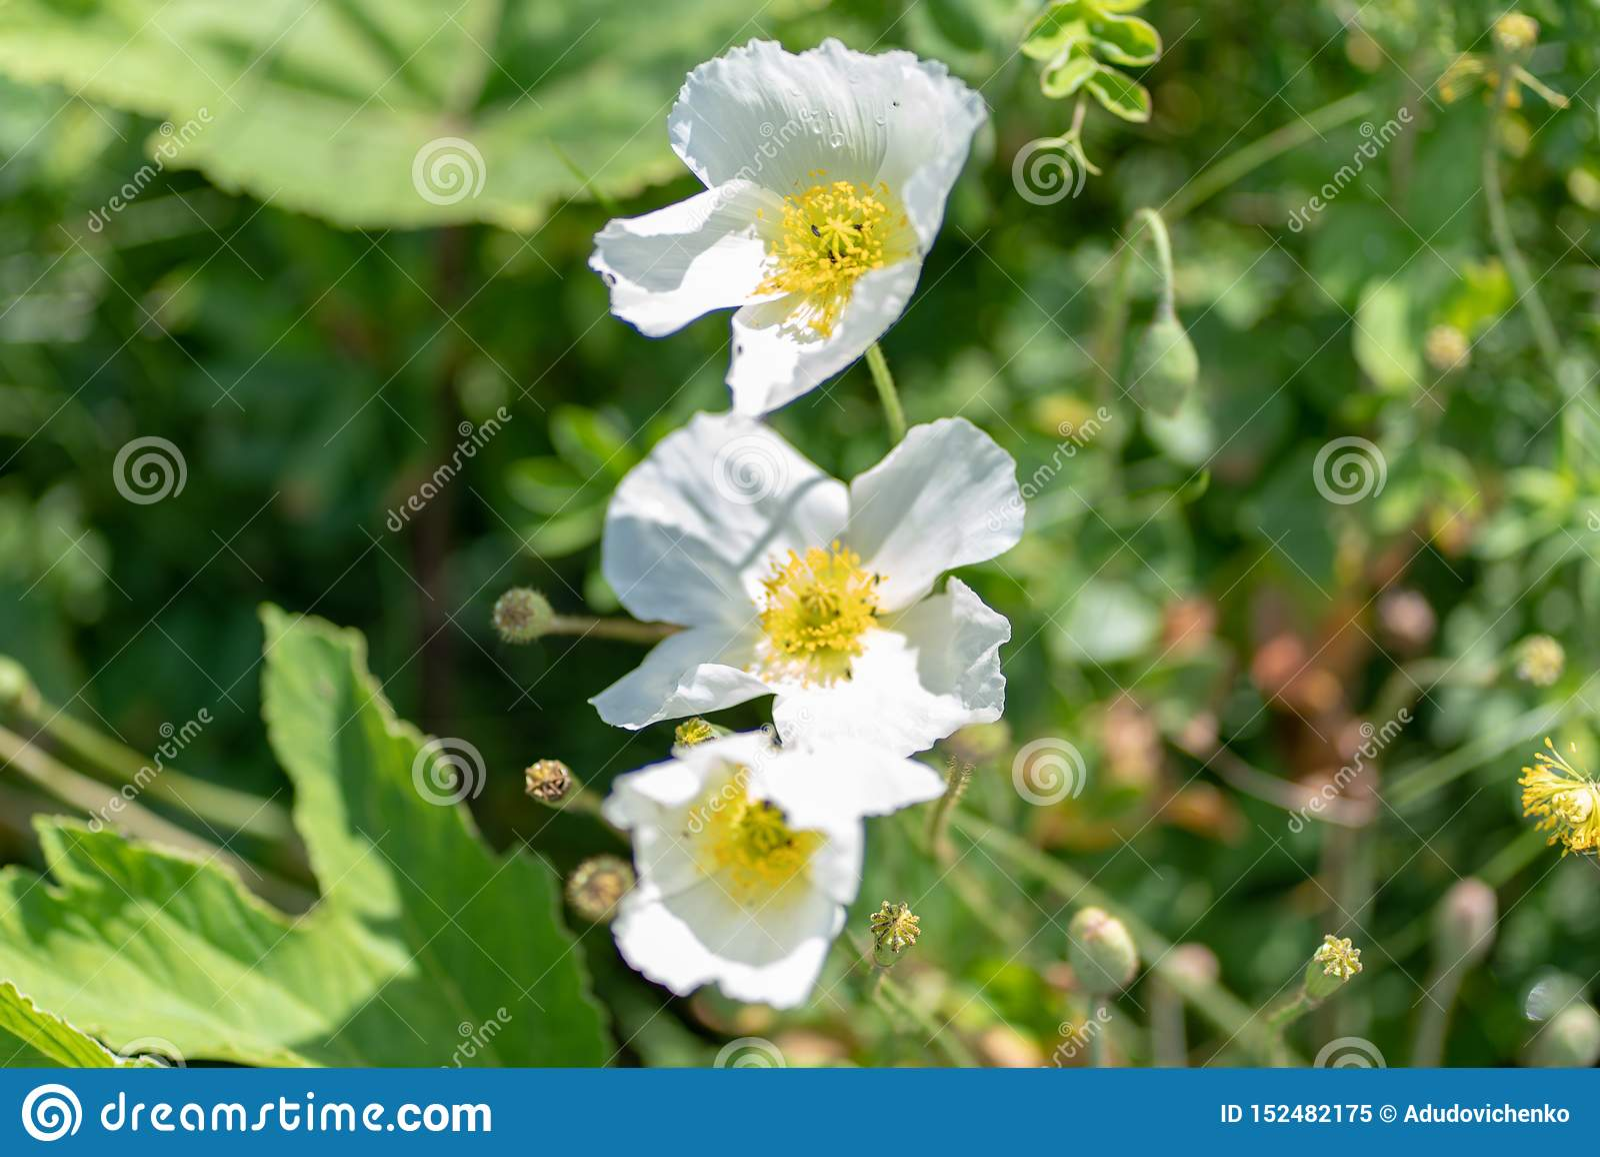 Tiro macro de una flor blanca en un fondo natural en un foco suave